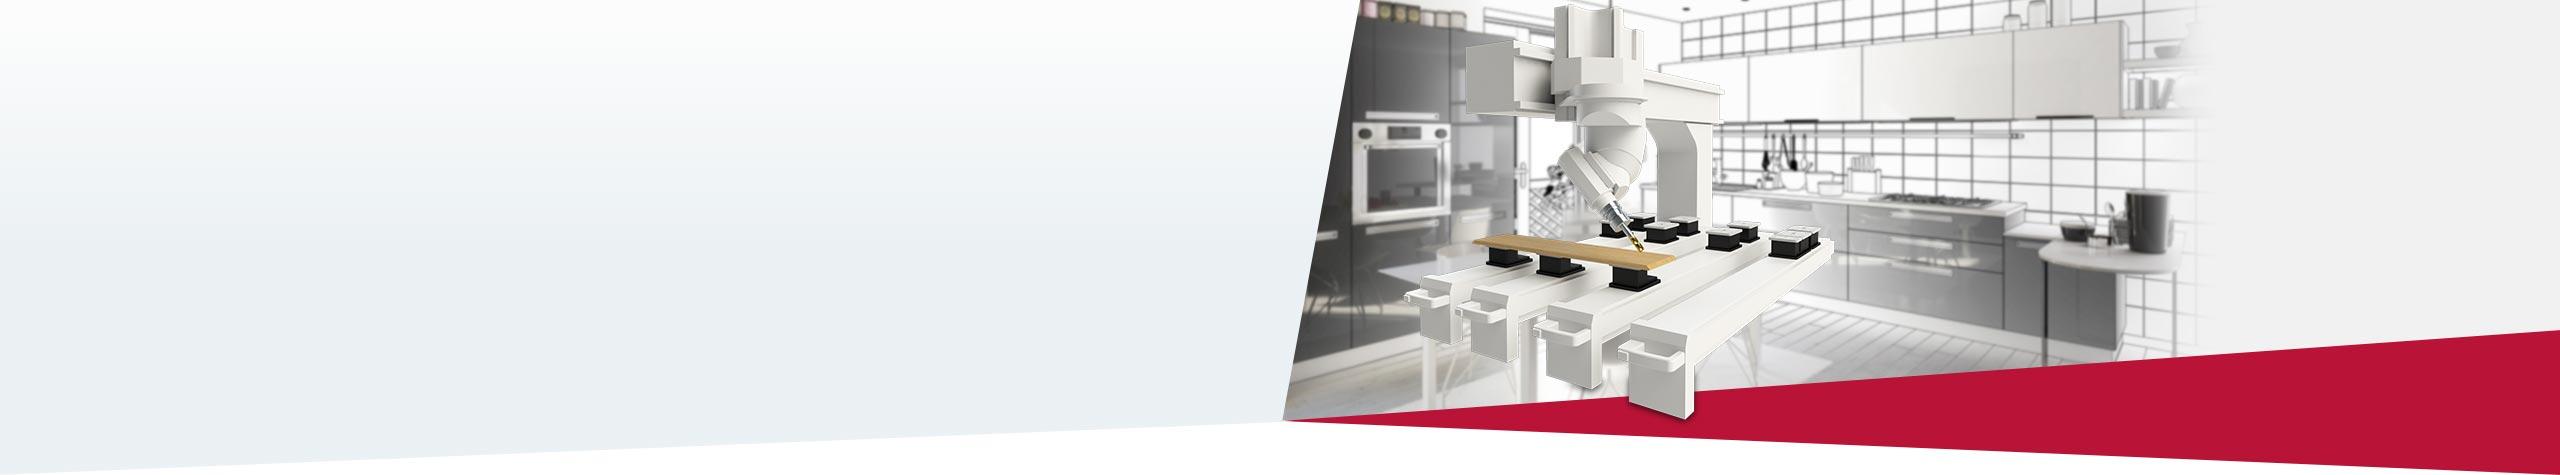 SOLIDWORKS und SWOOD Die CAD- und CAM-Anwendung für die holzverarbeitende Industrie.